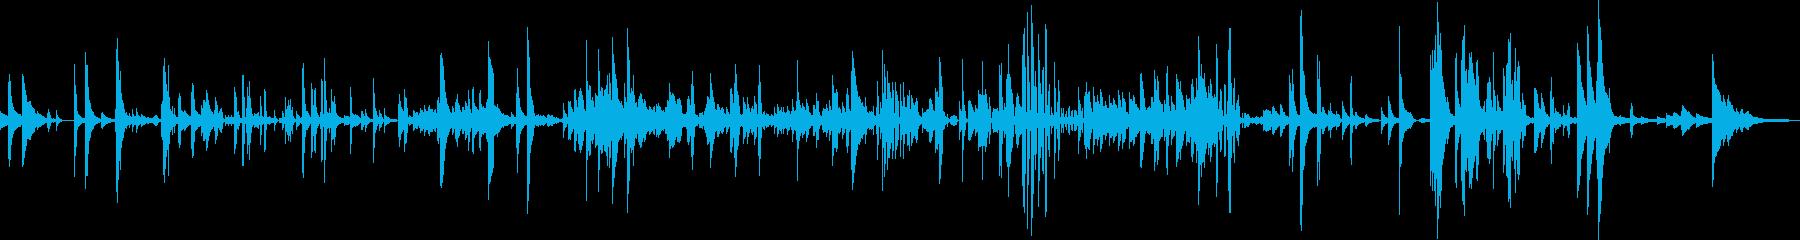 ピアノソロ アート作品 「パラダイム1」の再生済みの波形